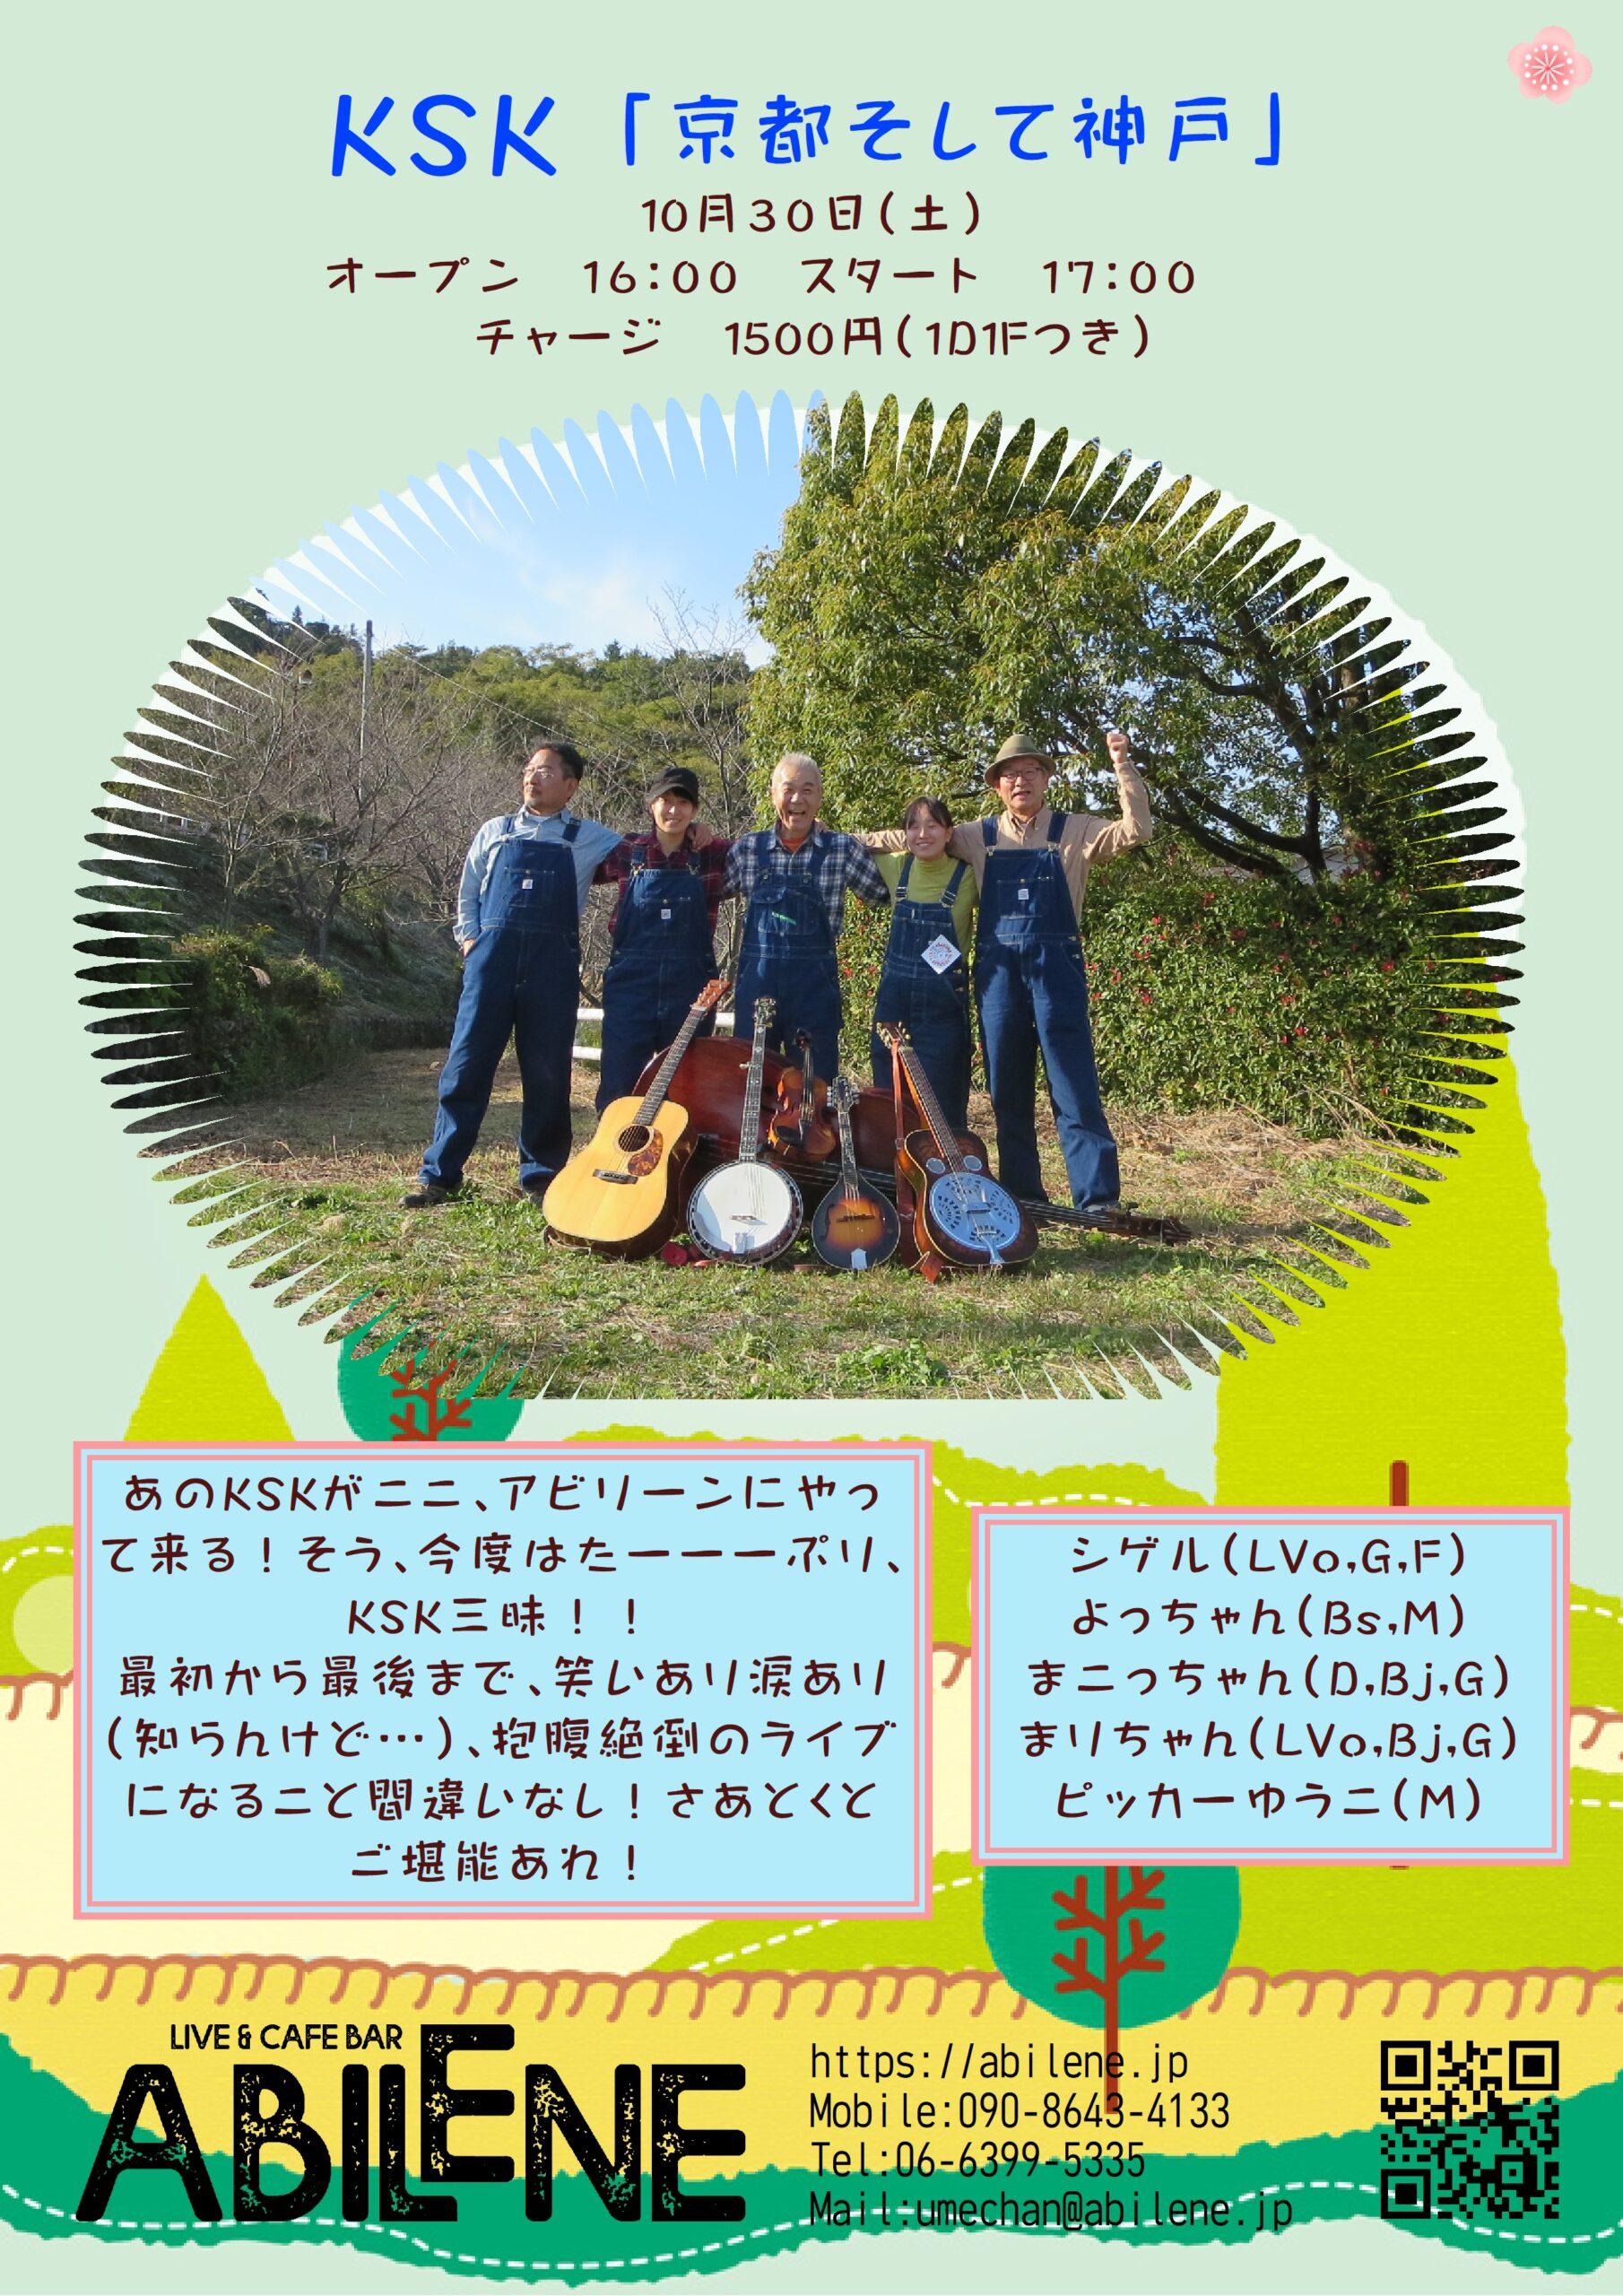 KSK 「京都そして神戸」